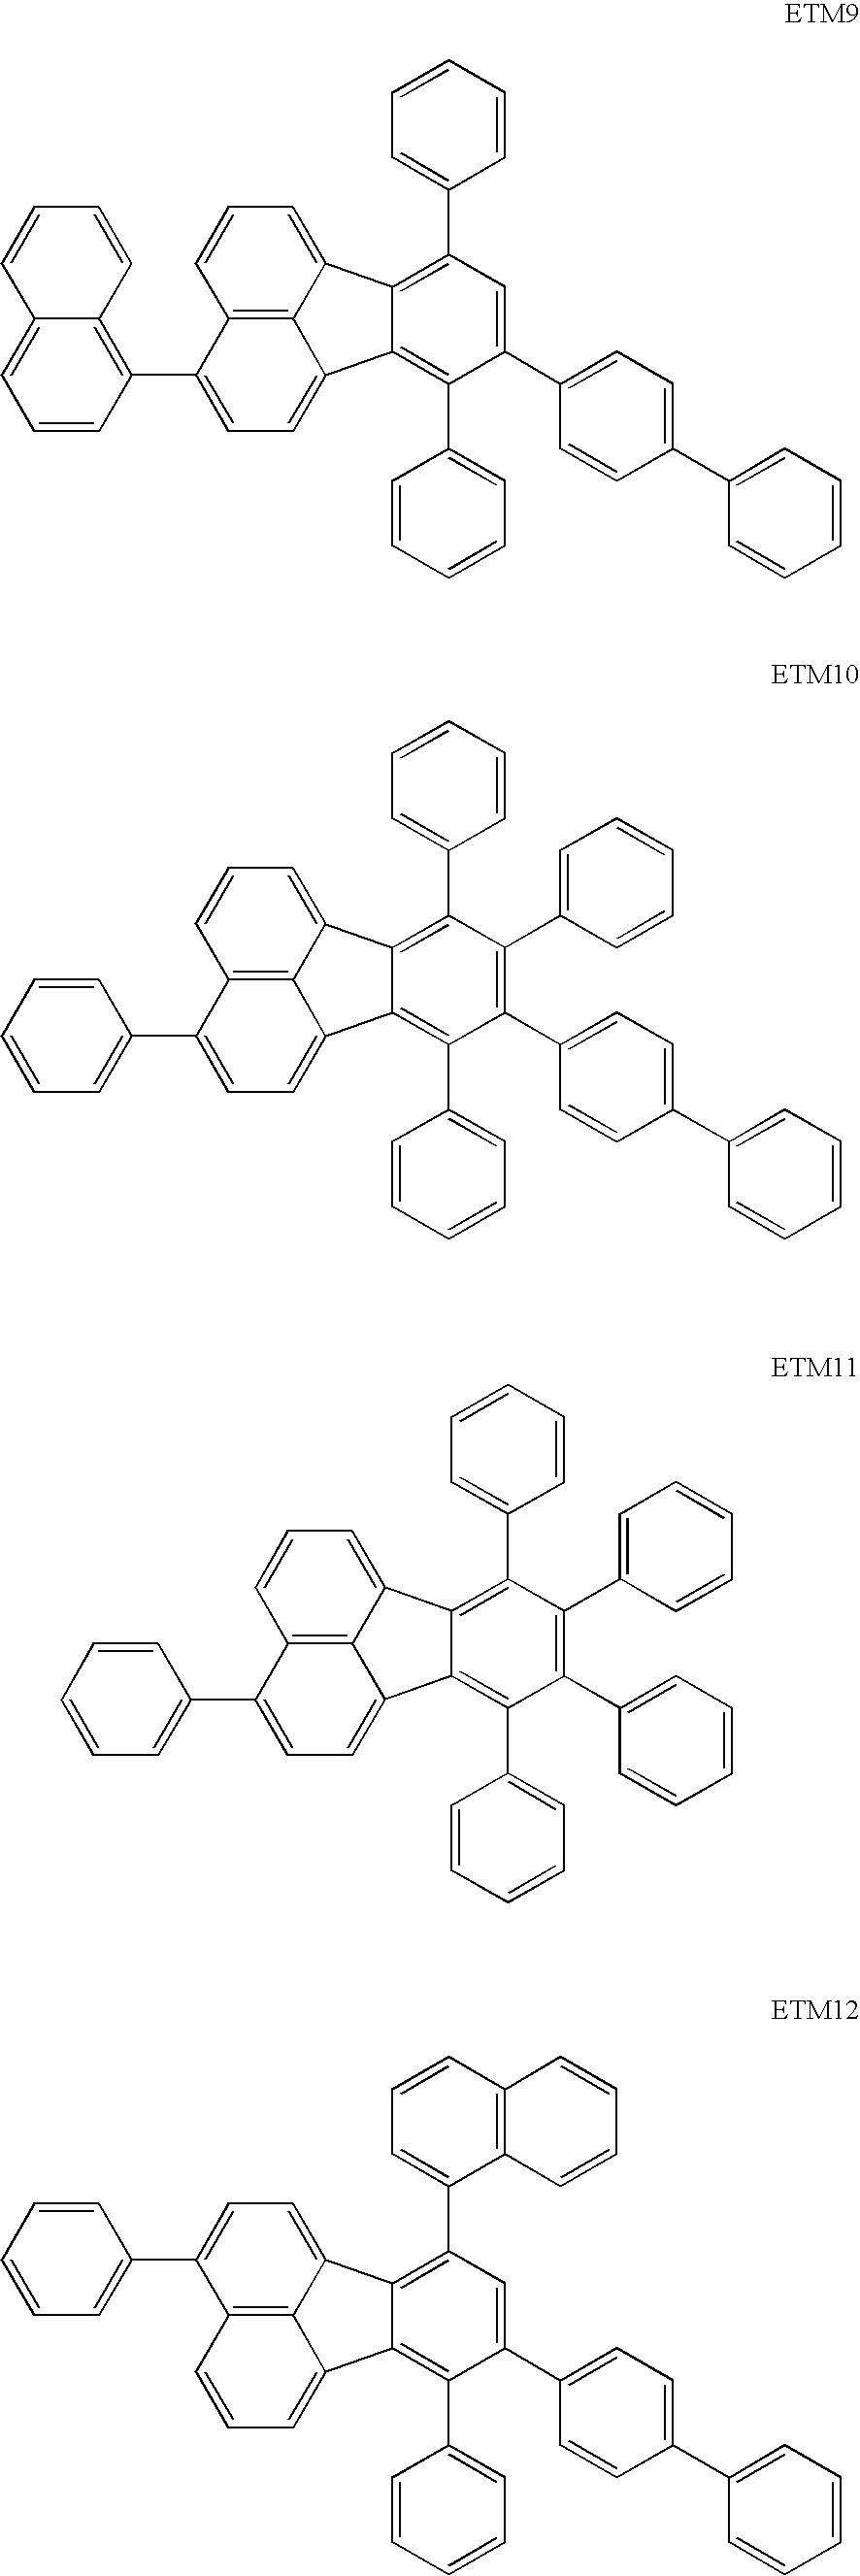 Figure US20090110957A1-20090430-C00008